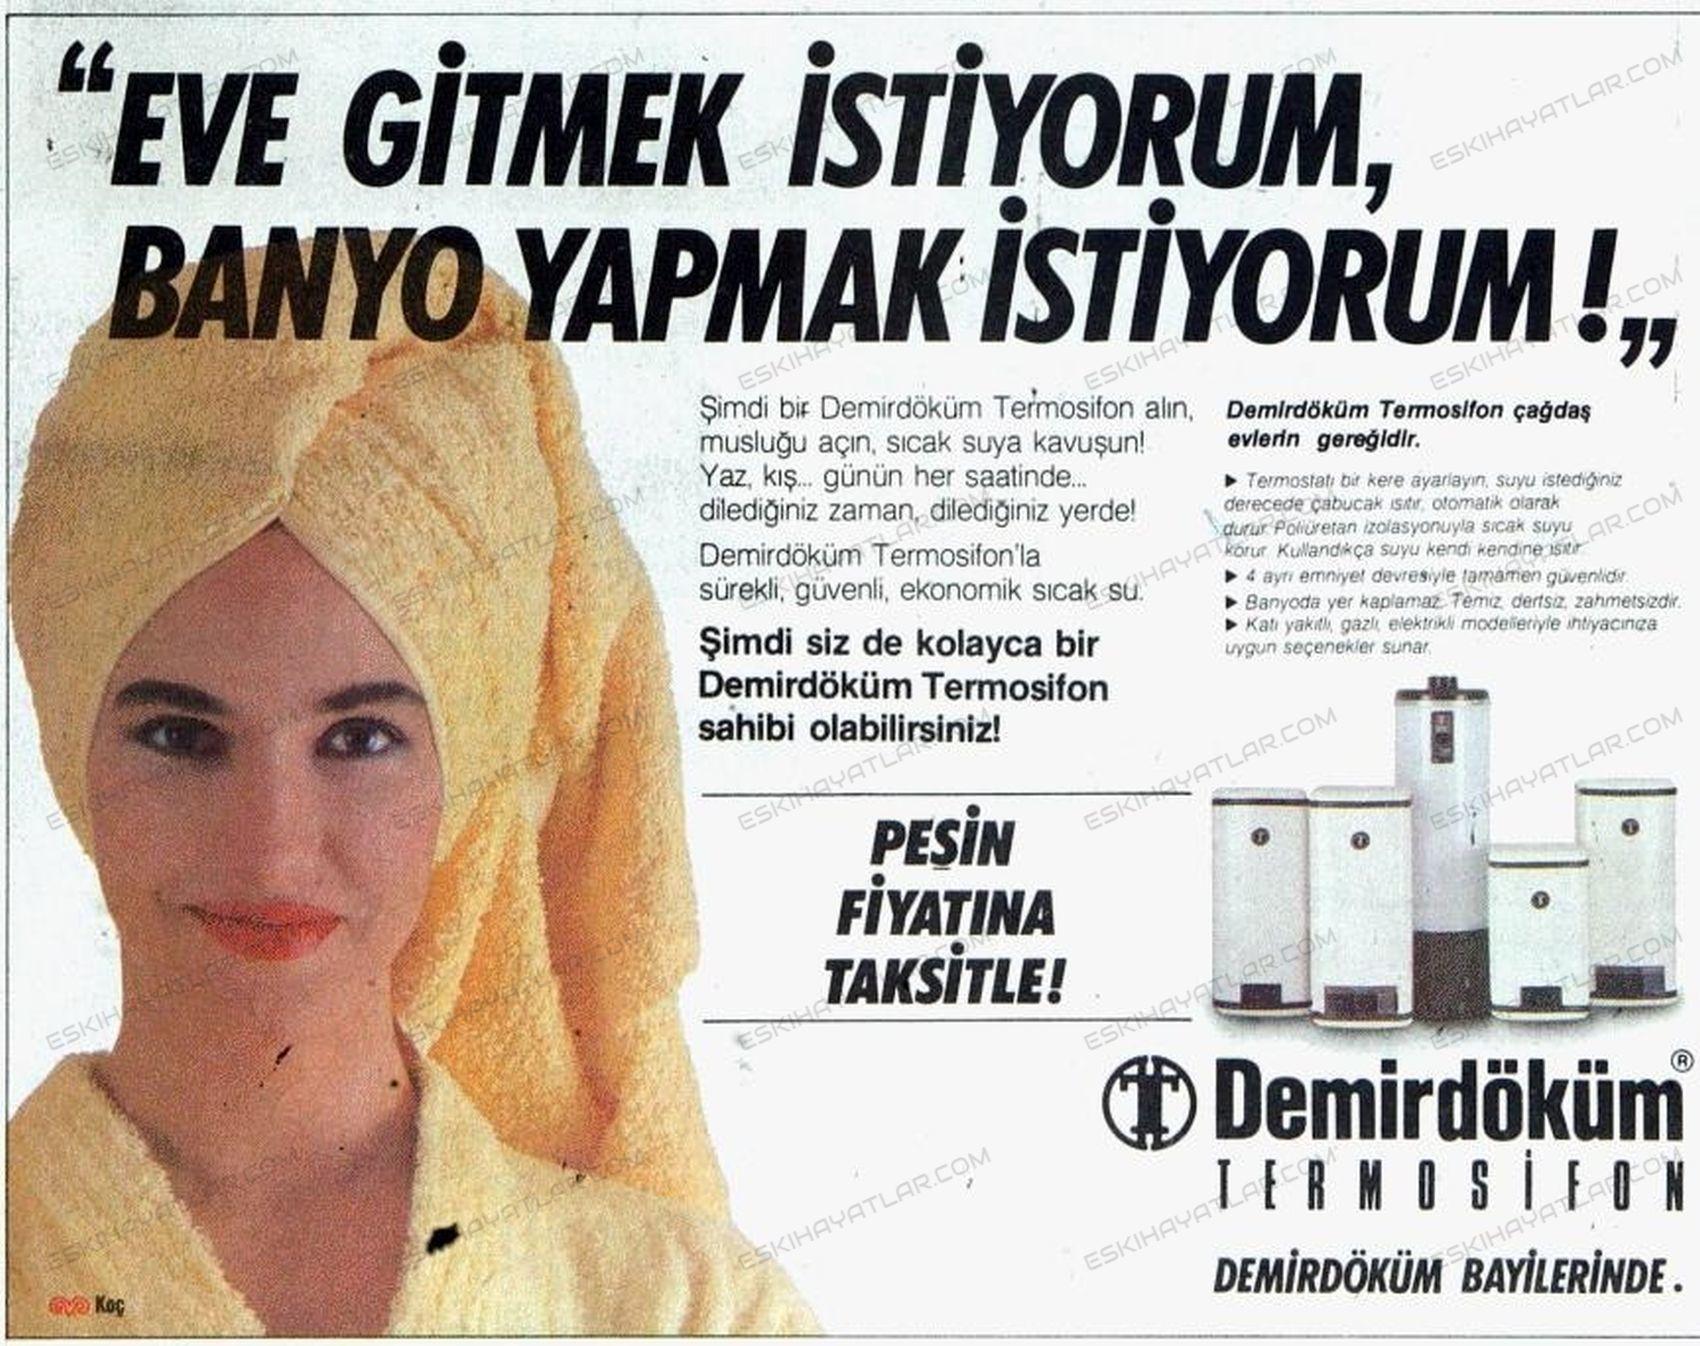 0063-demirdokum-termisifon-reklamlari-eve-gitmek-istiyorum-banyo-yapmak-istiyorum